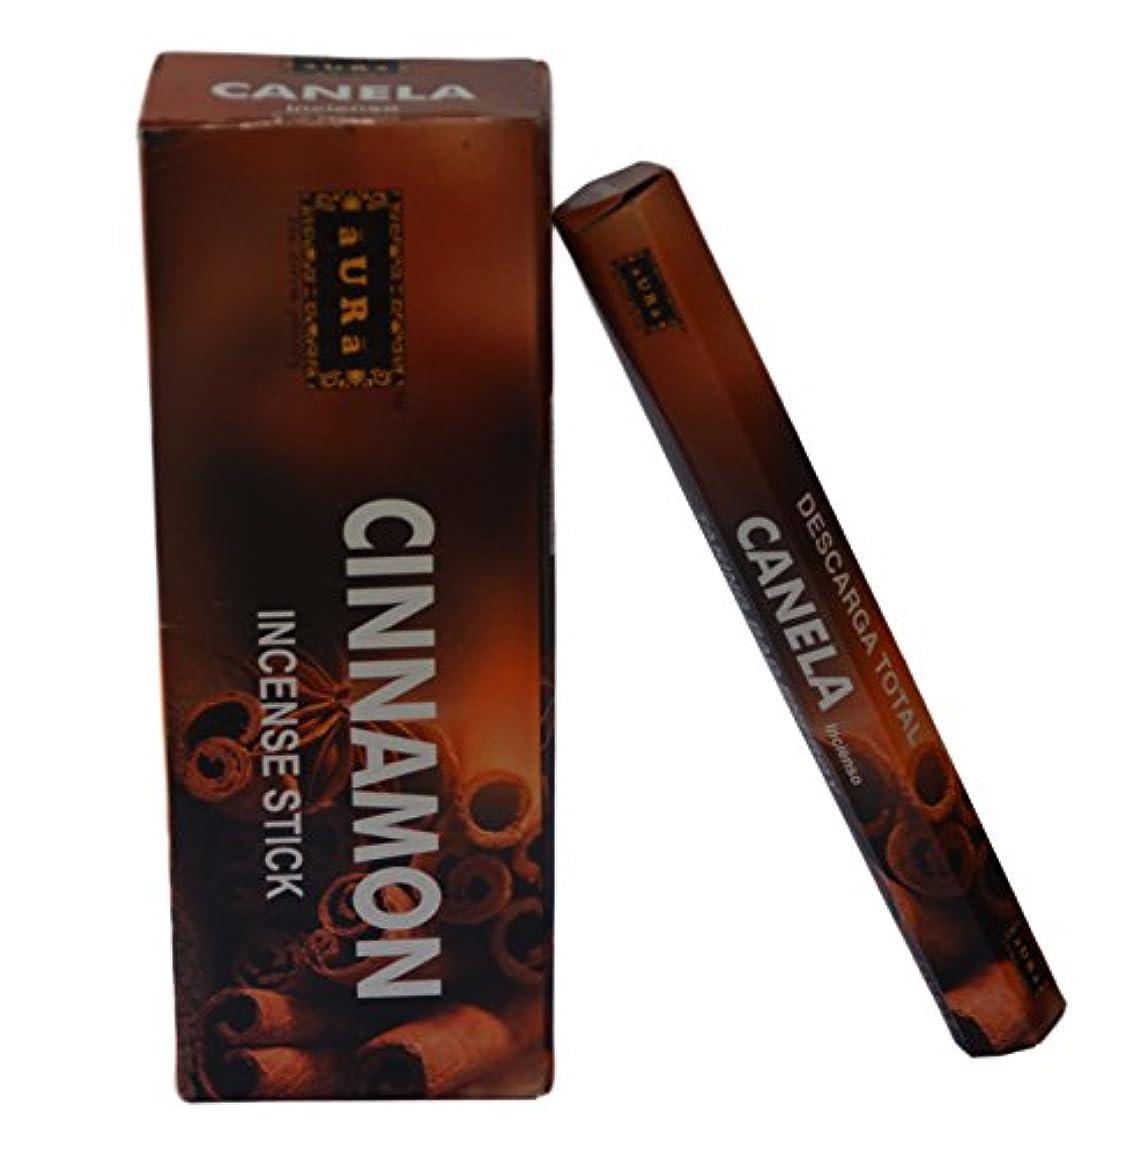 モザイクモデレータ人気オーラCinnamon Scented Incense Sticks、プレミアム天然Incense Sticks、六角packing- 120 Sticks